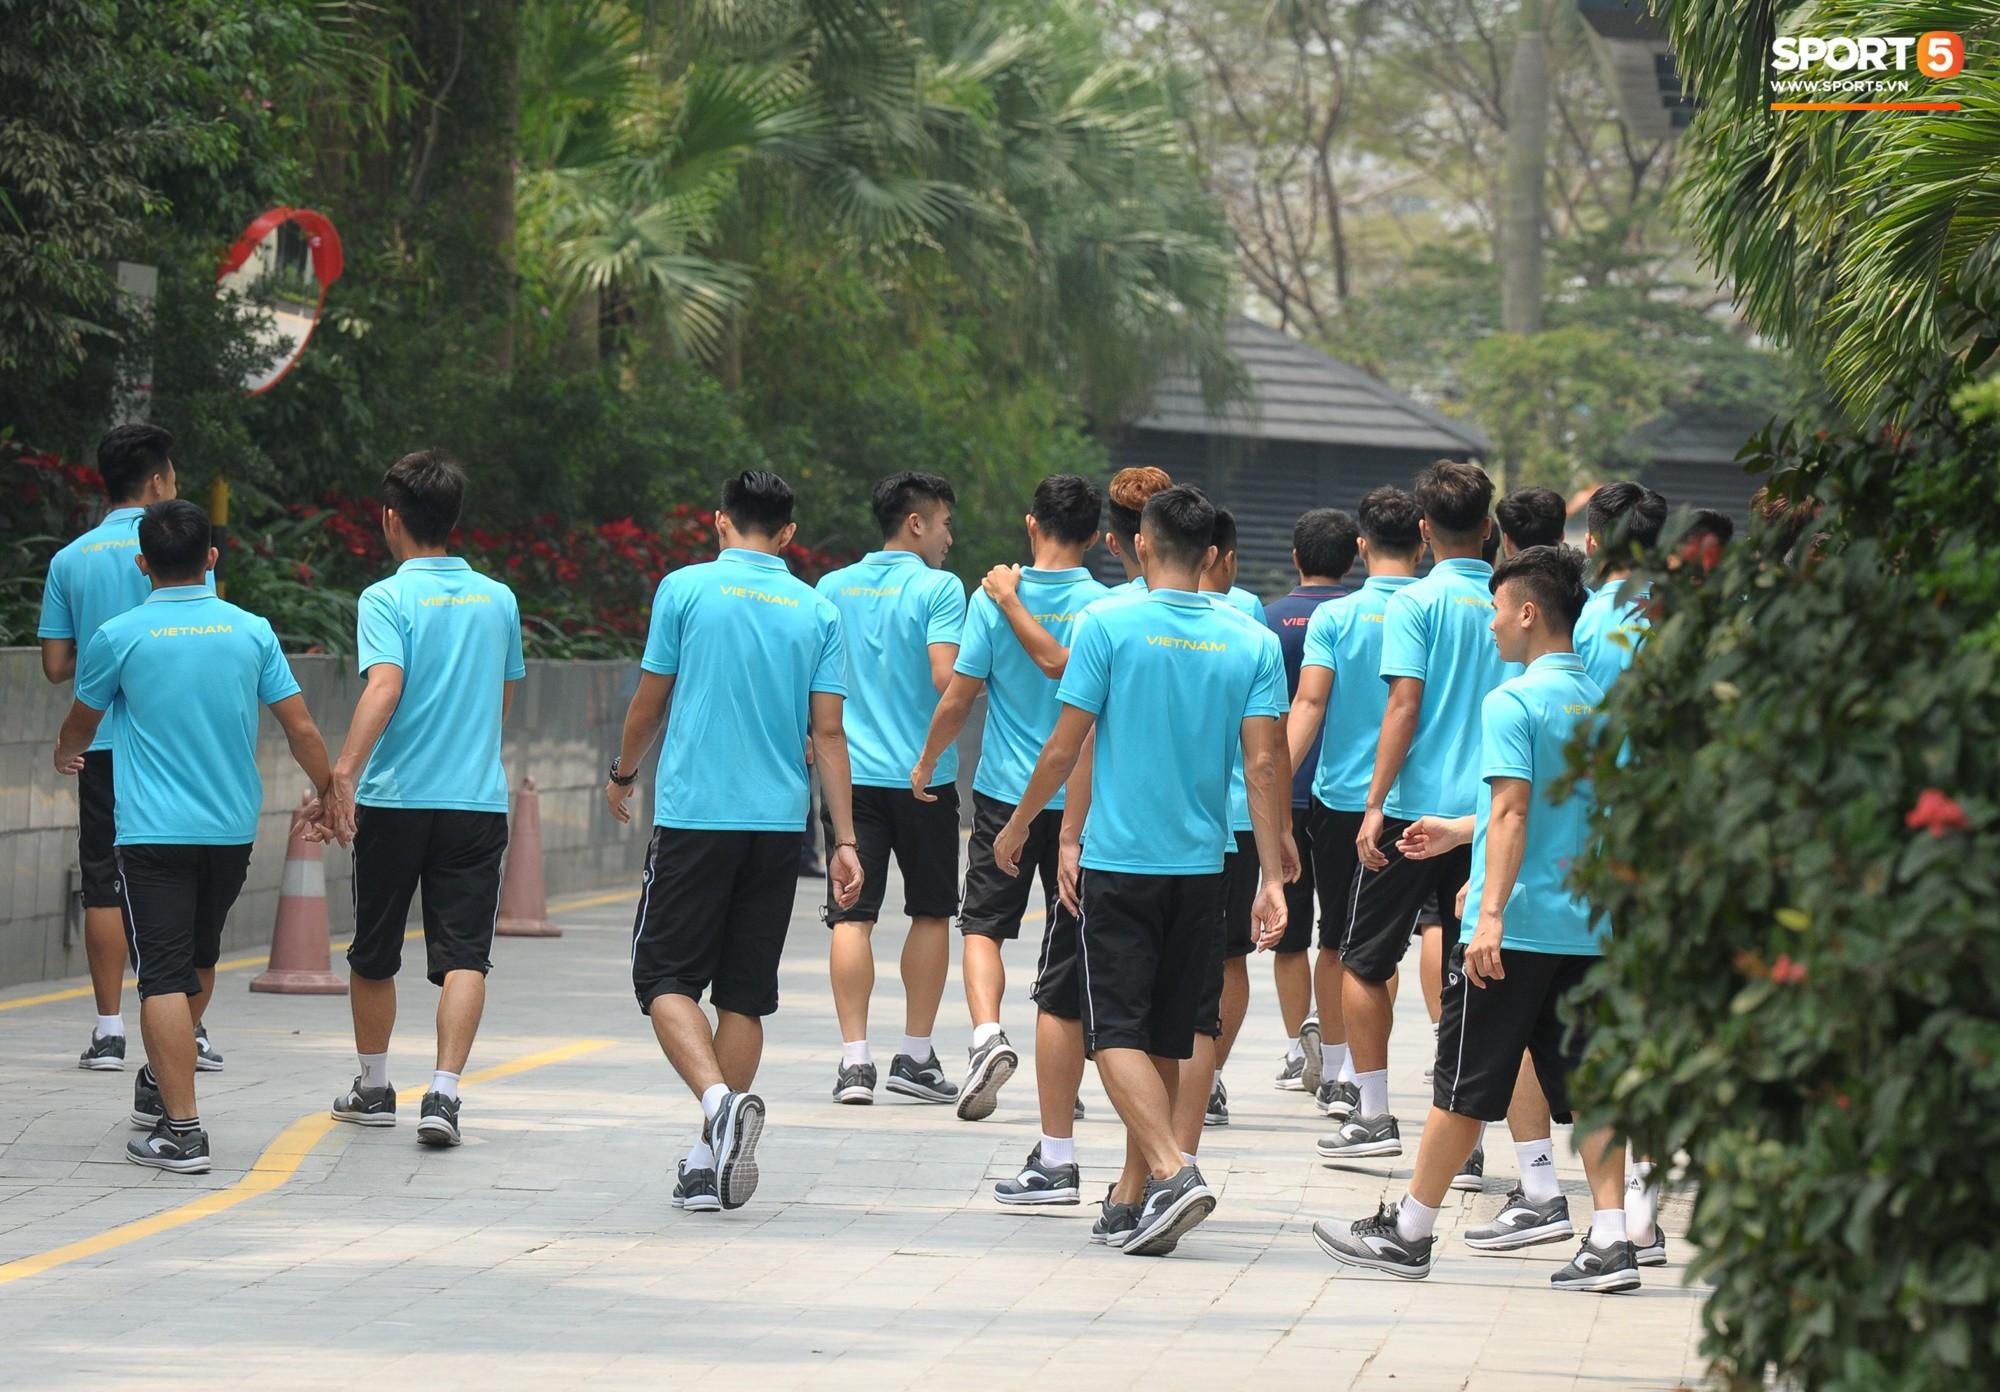 Quang Hải, Đình Trọng nhăn nhó khi đi bộ thể dục lúc 12h trưa-7